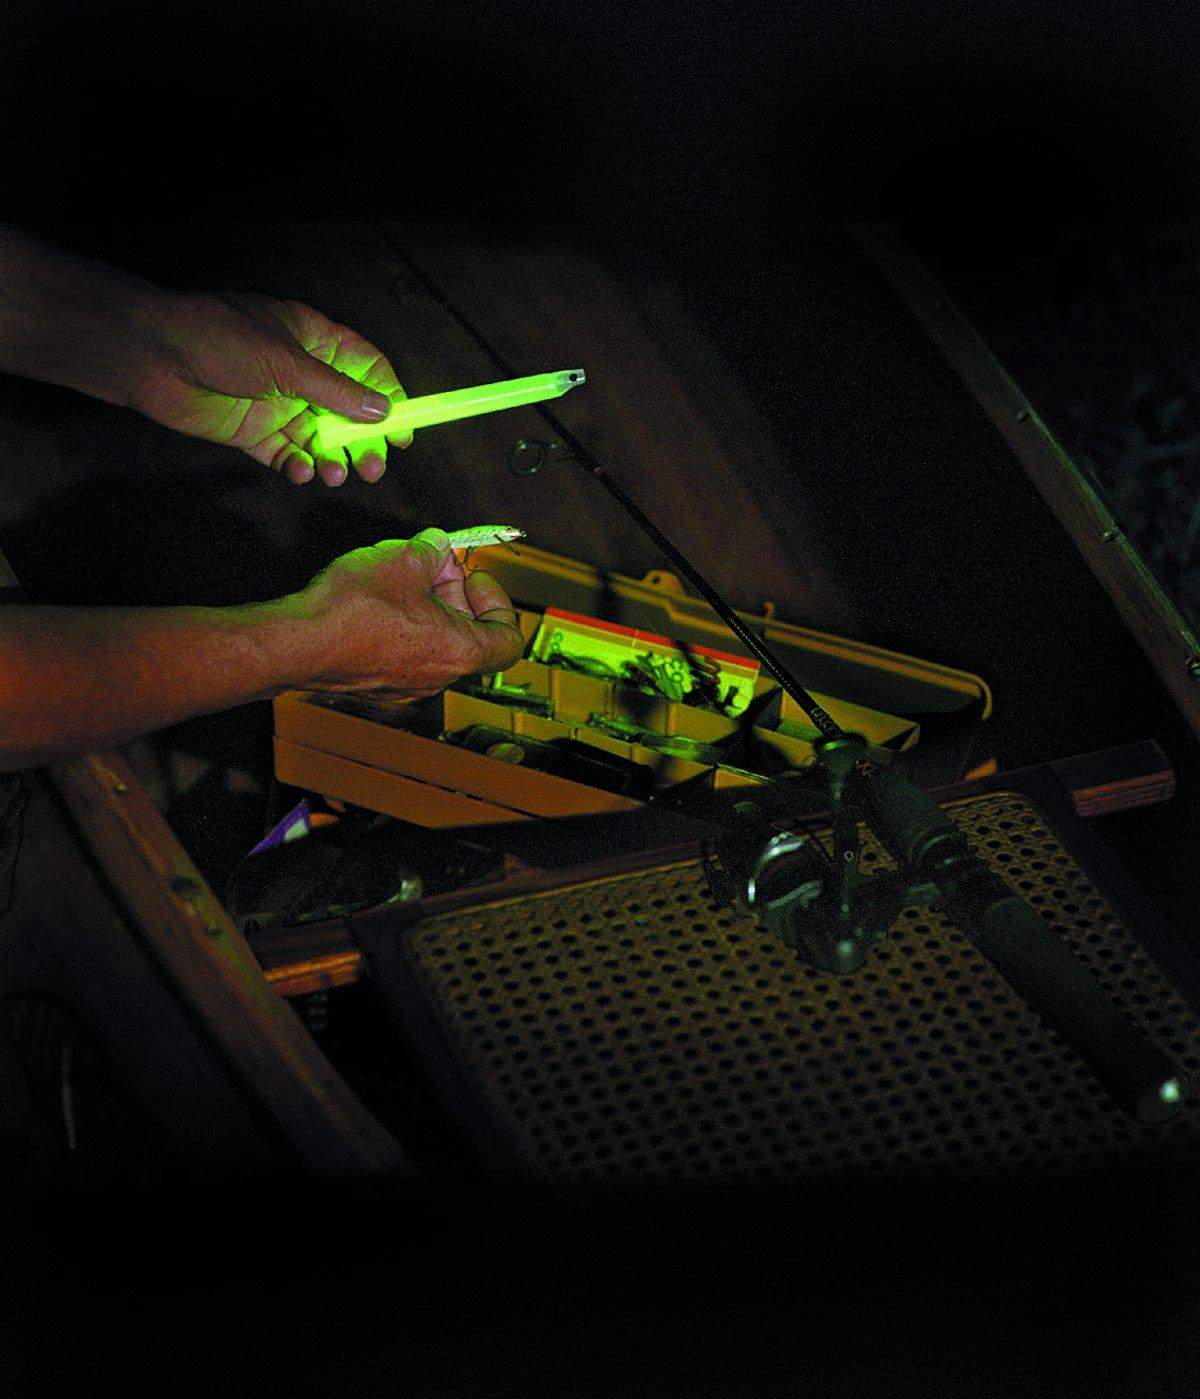 Cyalume Bastoncini Luminosi Verde SnapLight Glow Sticks 15 cm 6 Inch Light Stick ultra-luminoso con una durata da 12 Ore Scatola da 10 pezzi